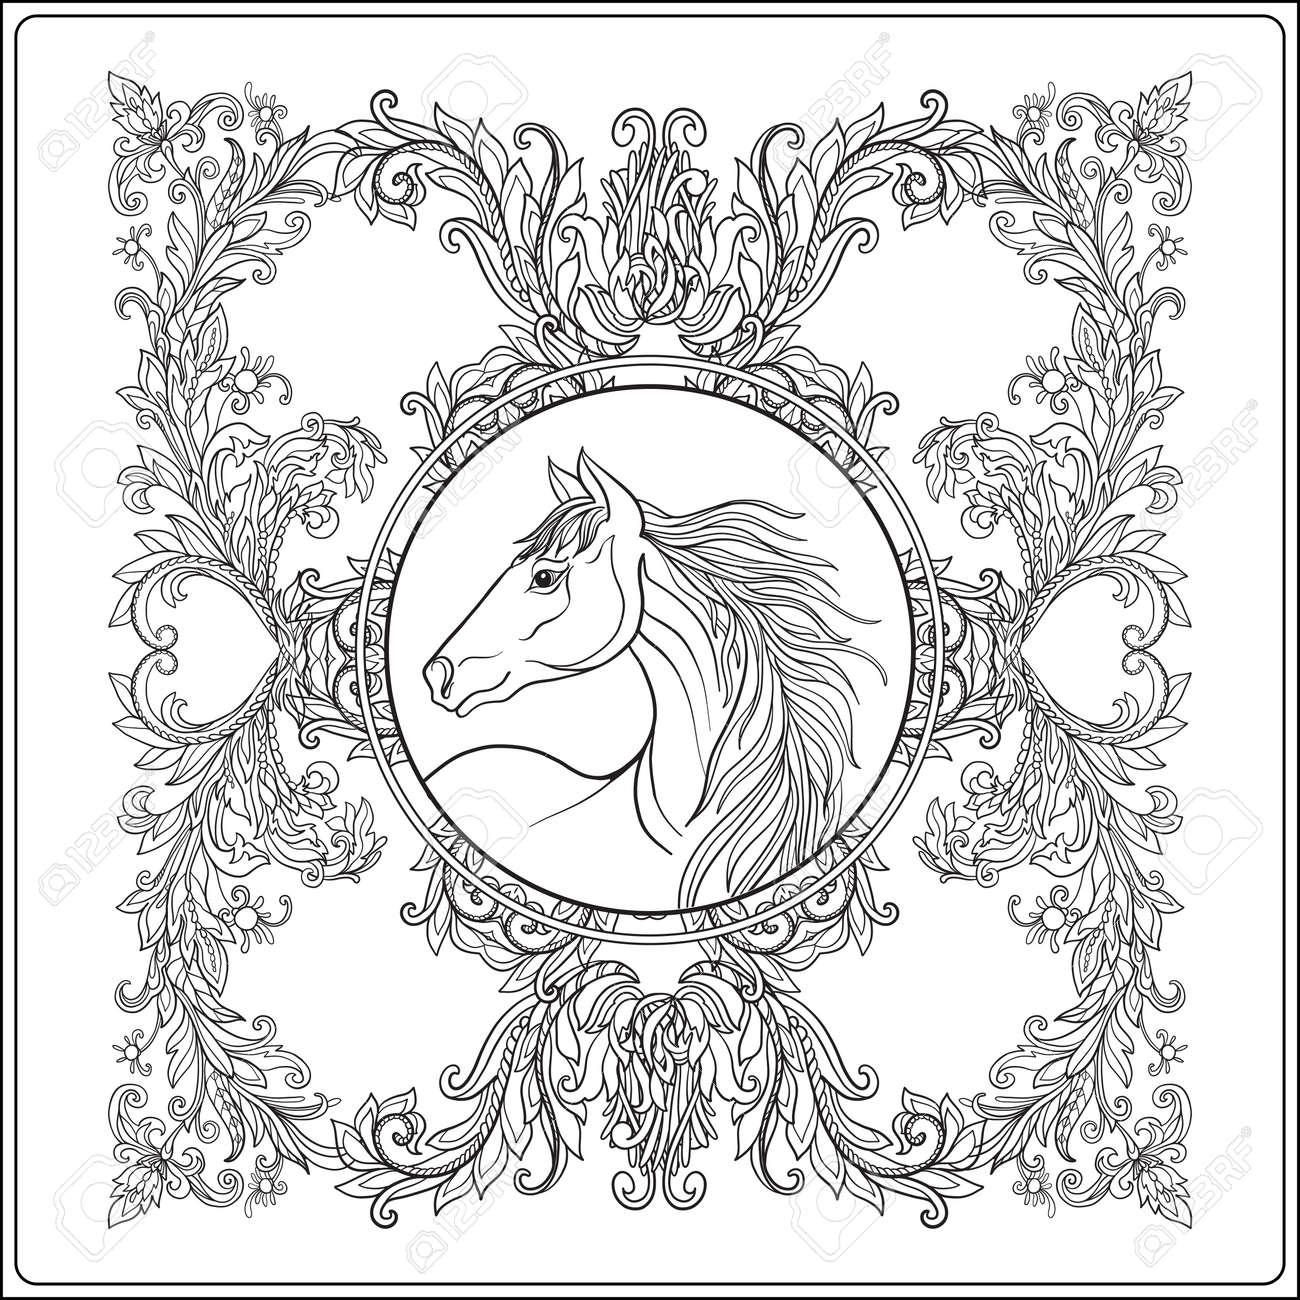 Coloriage Adulte Vintage.Cheval Dans Le Cadre Vintage Mandala Floral Decoratif Illustration